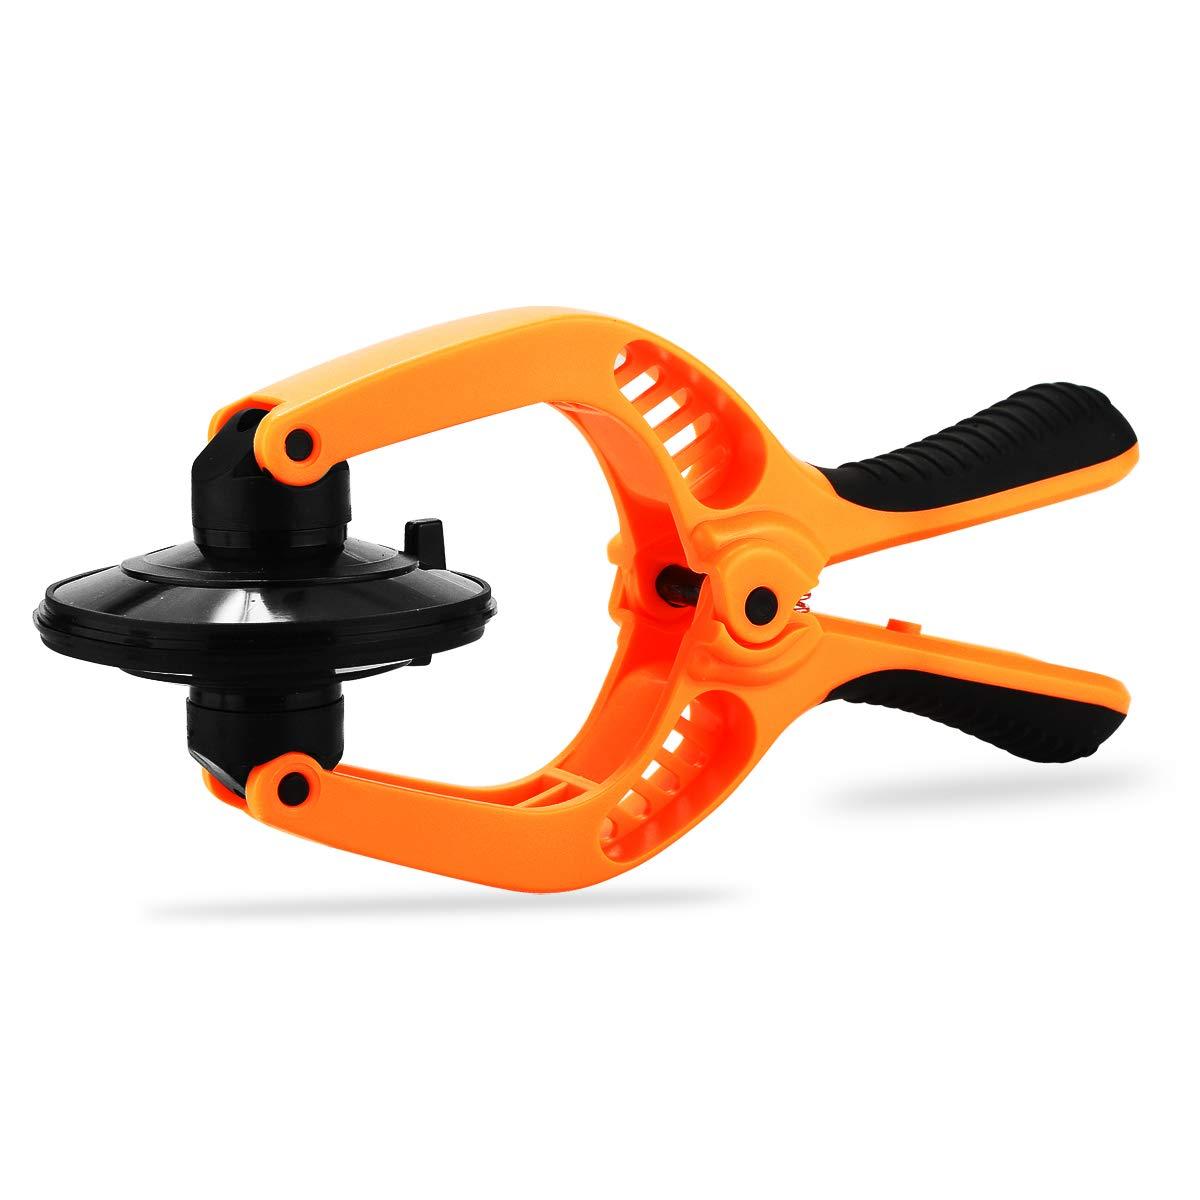 Pince à dénuder de précision, Boenfu 17,8 cm Wire Pince coupante Pince coupante Outil de réparation avec Build-in Coupe-câble et trous de Looping Pince à sertir pour 10–22 AWG Stranded Fil de coupe